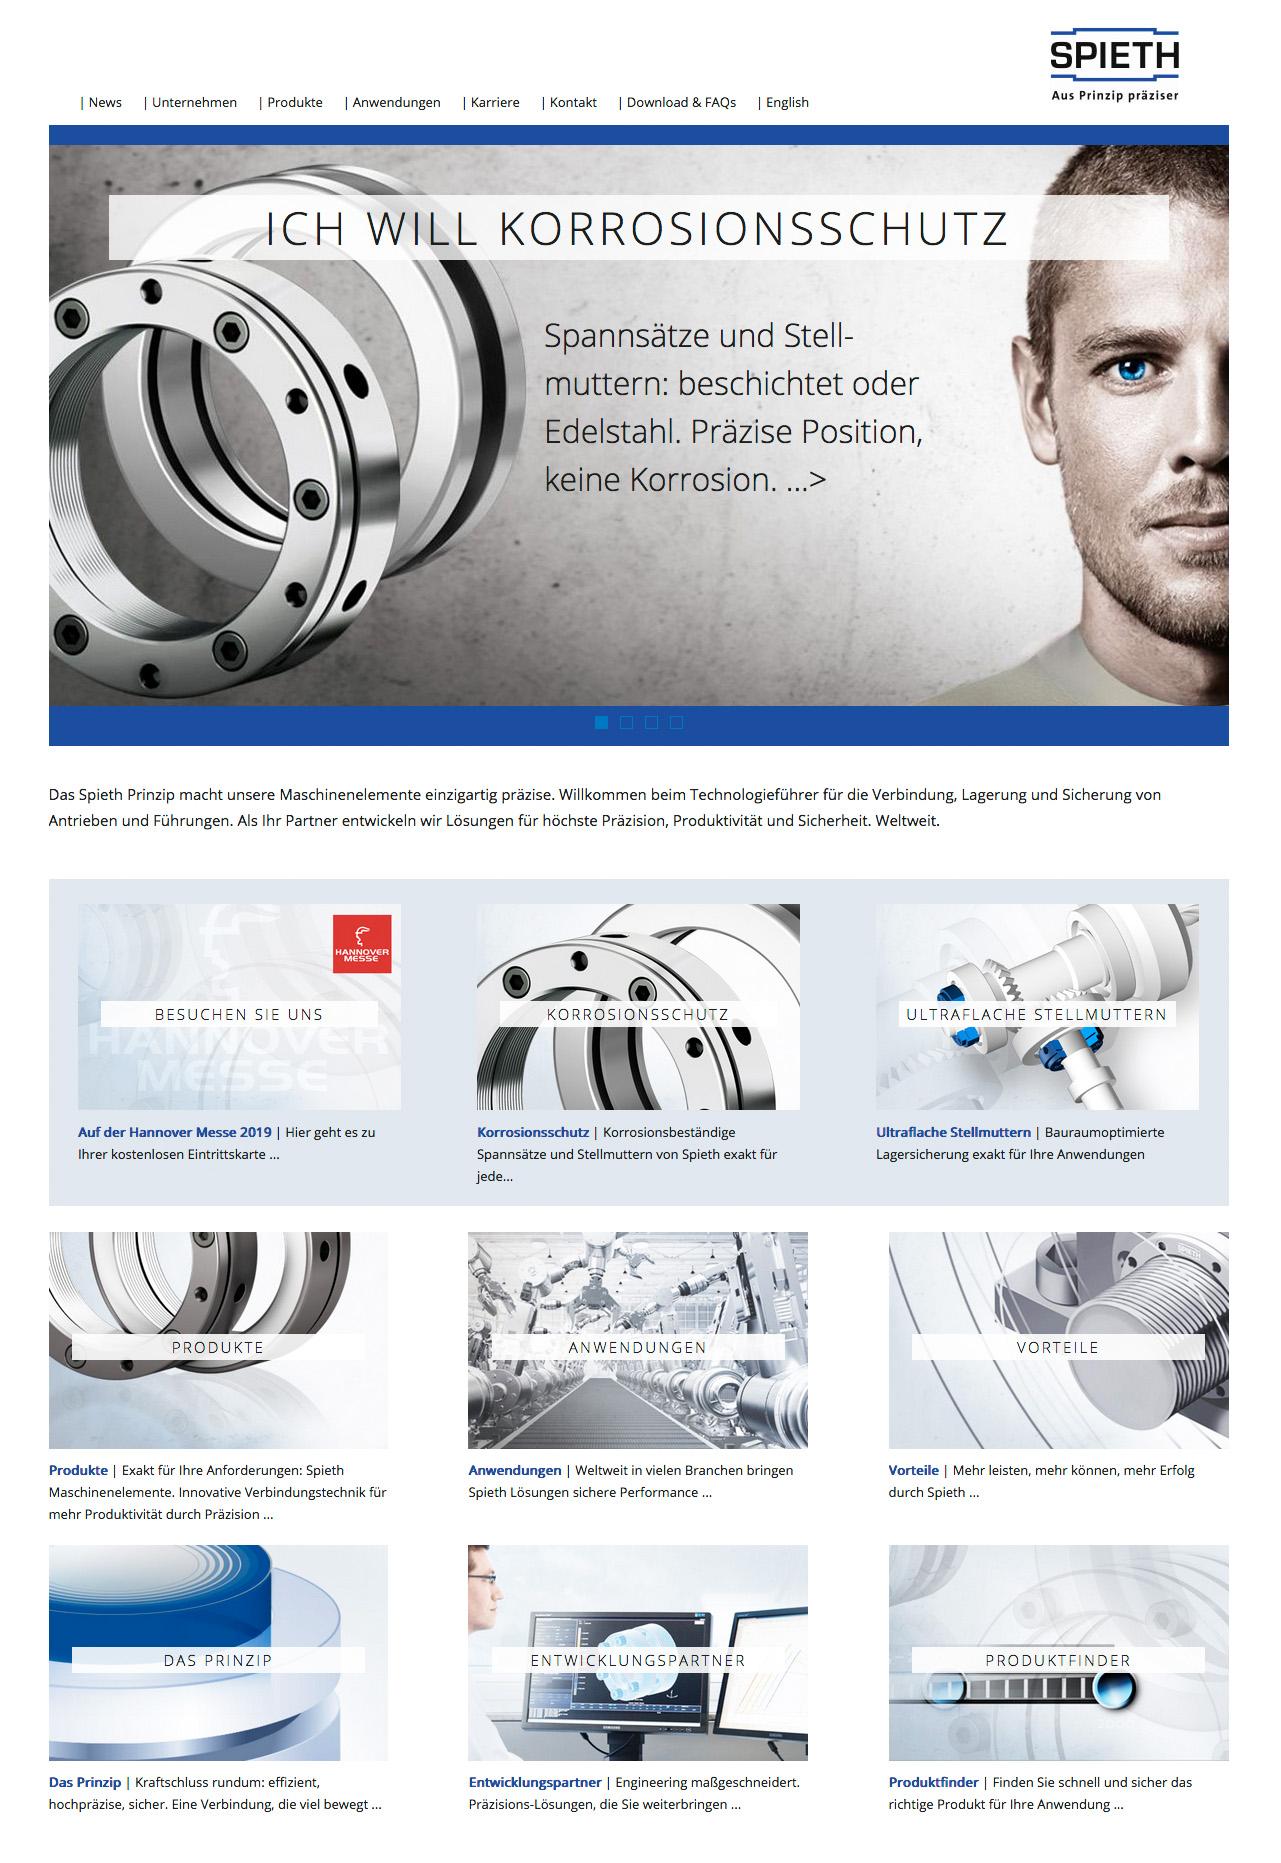 Für den Kunden Spieth-Maschinenelemente hat Lorenz & Company die neue Webseite erstellt.